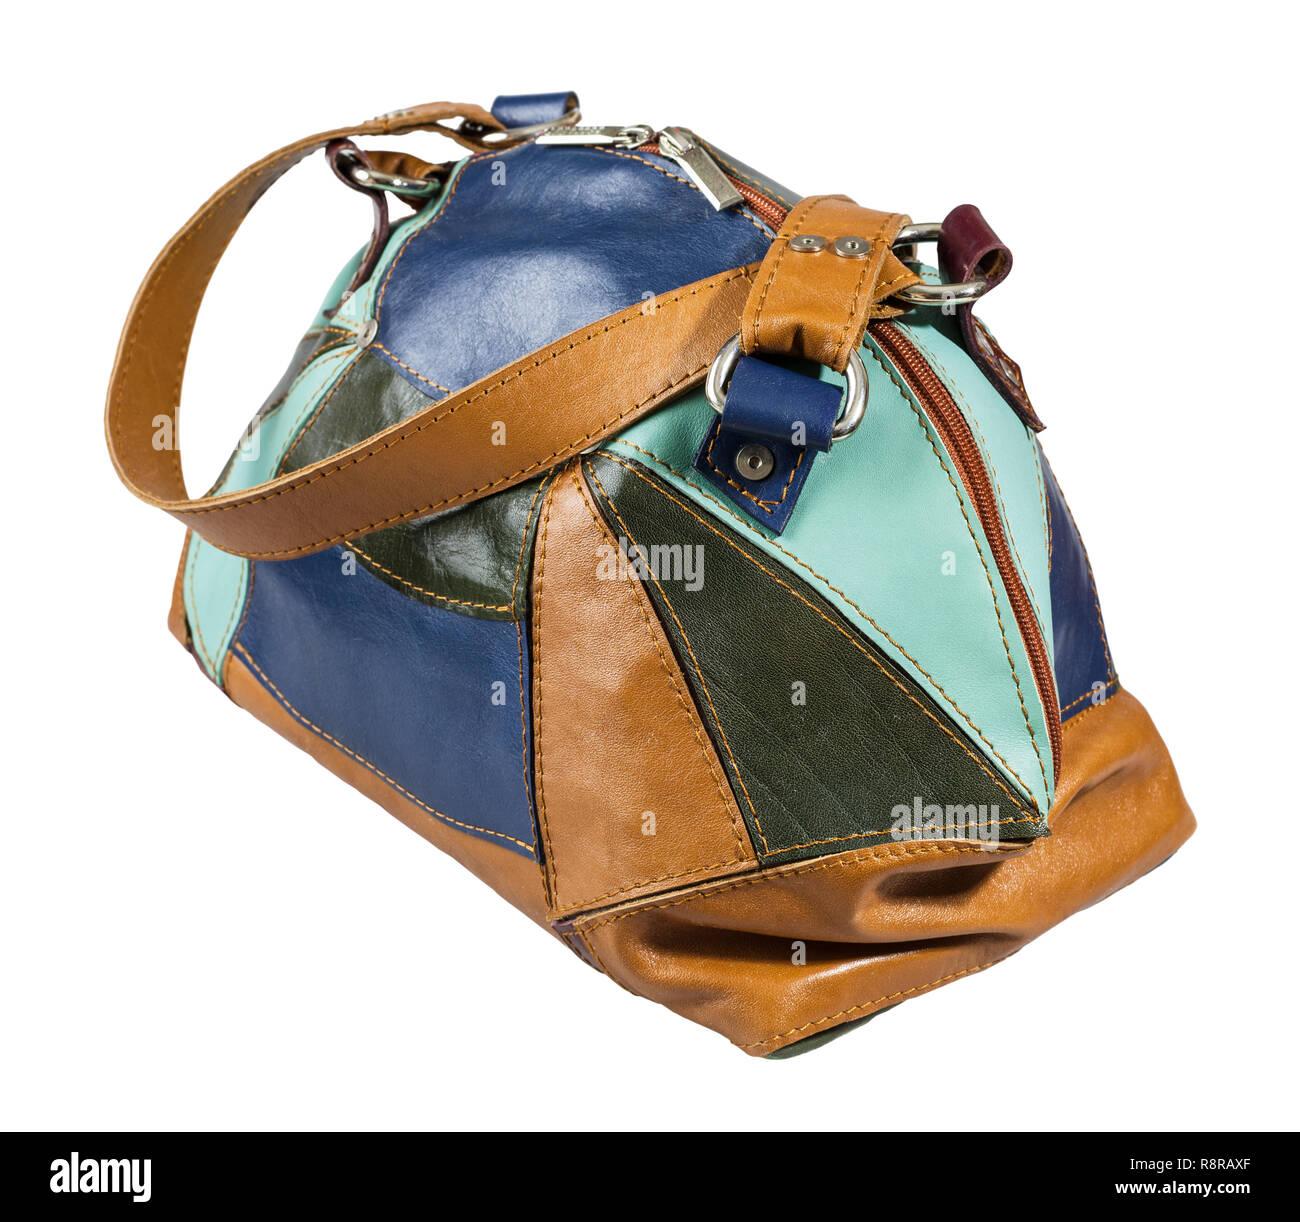 9a76c45daa8b5 Handmade patchwork Leder mehrfarbige Handtasche auf weißem Hintergrund  Stockbild